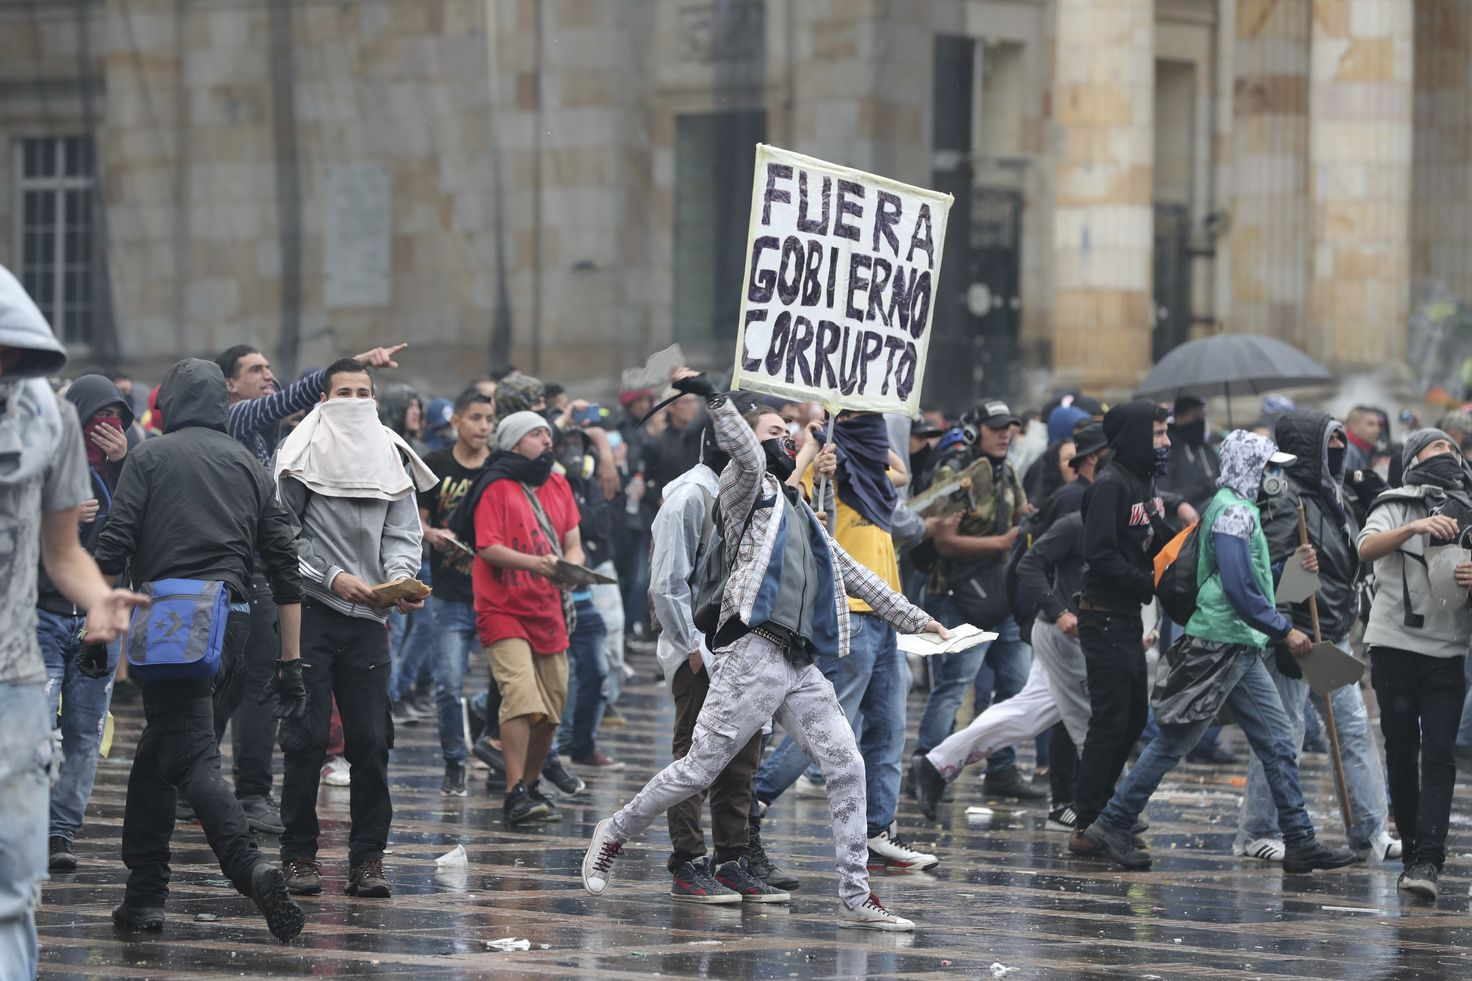 南美洲哥倫比亞反政府組織昨日舉行全國大罷工。AP